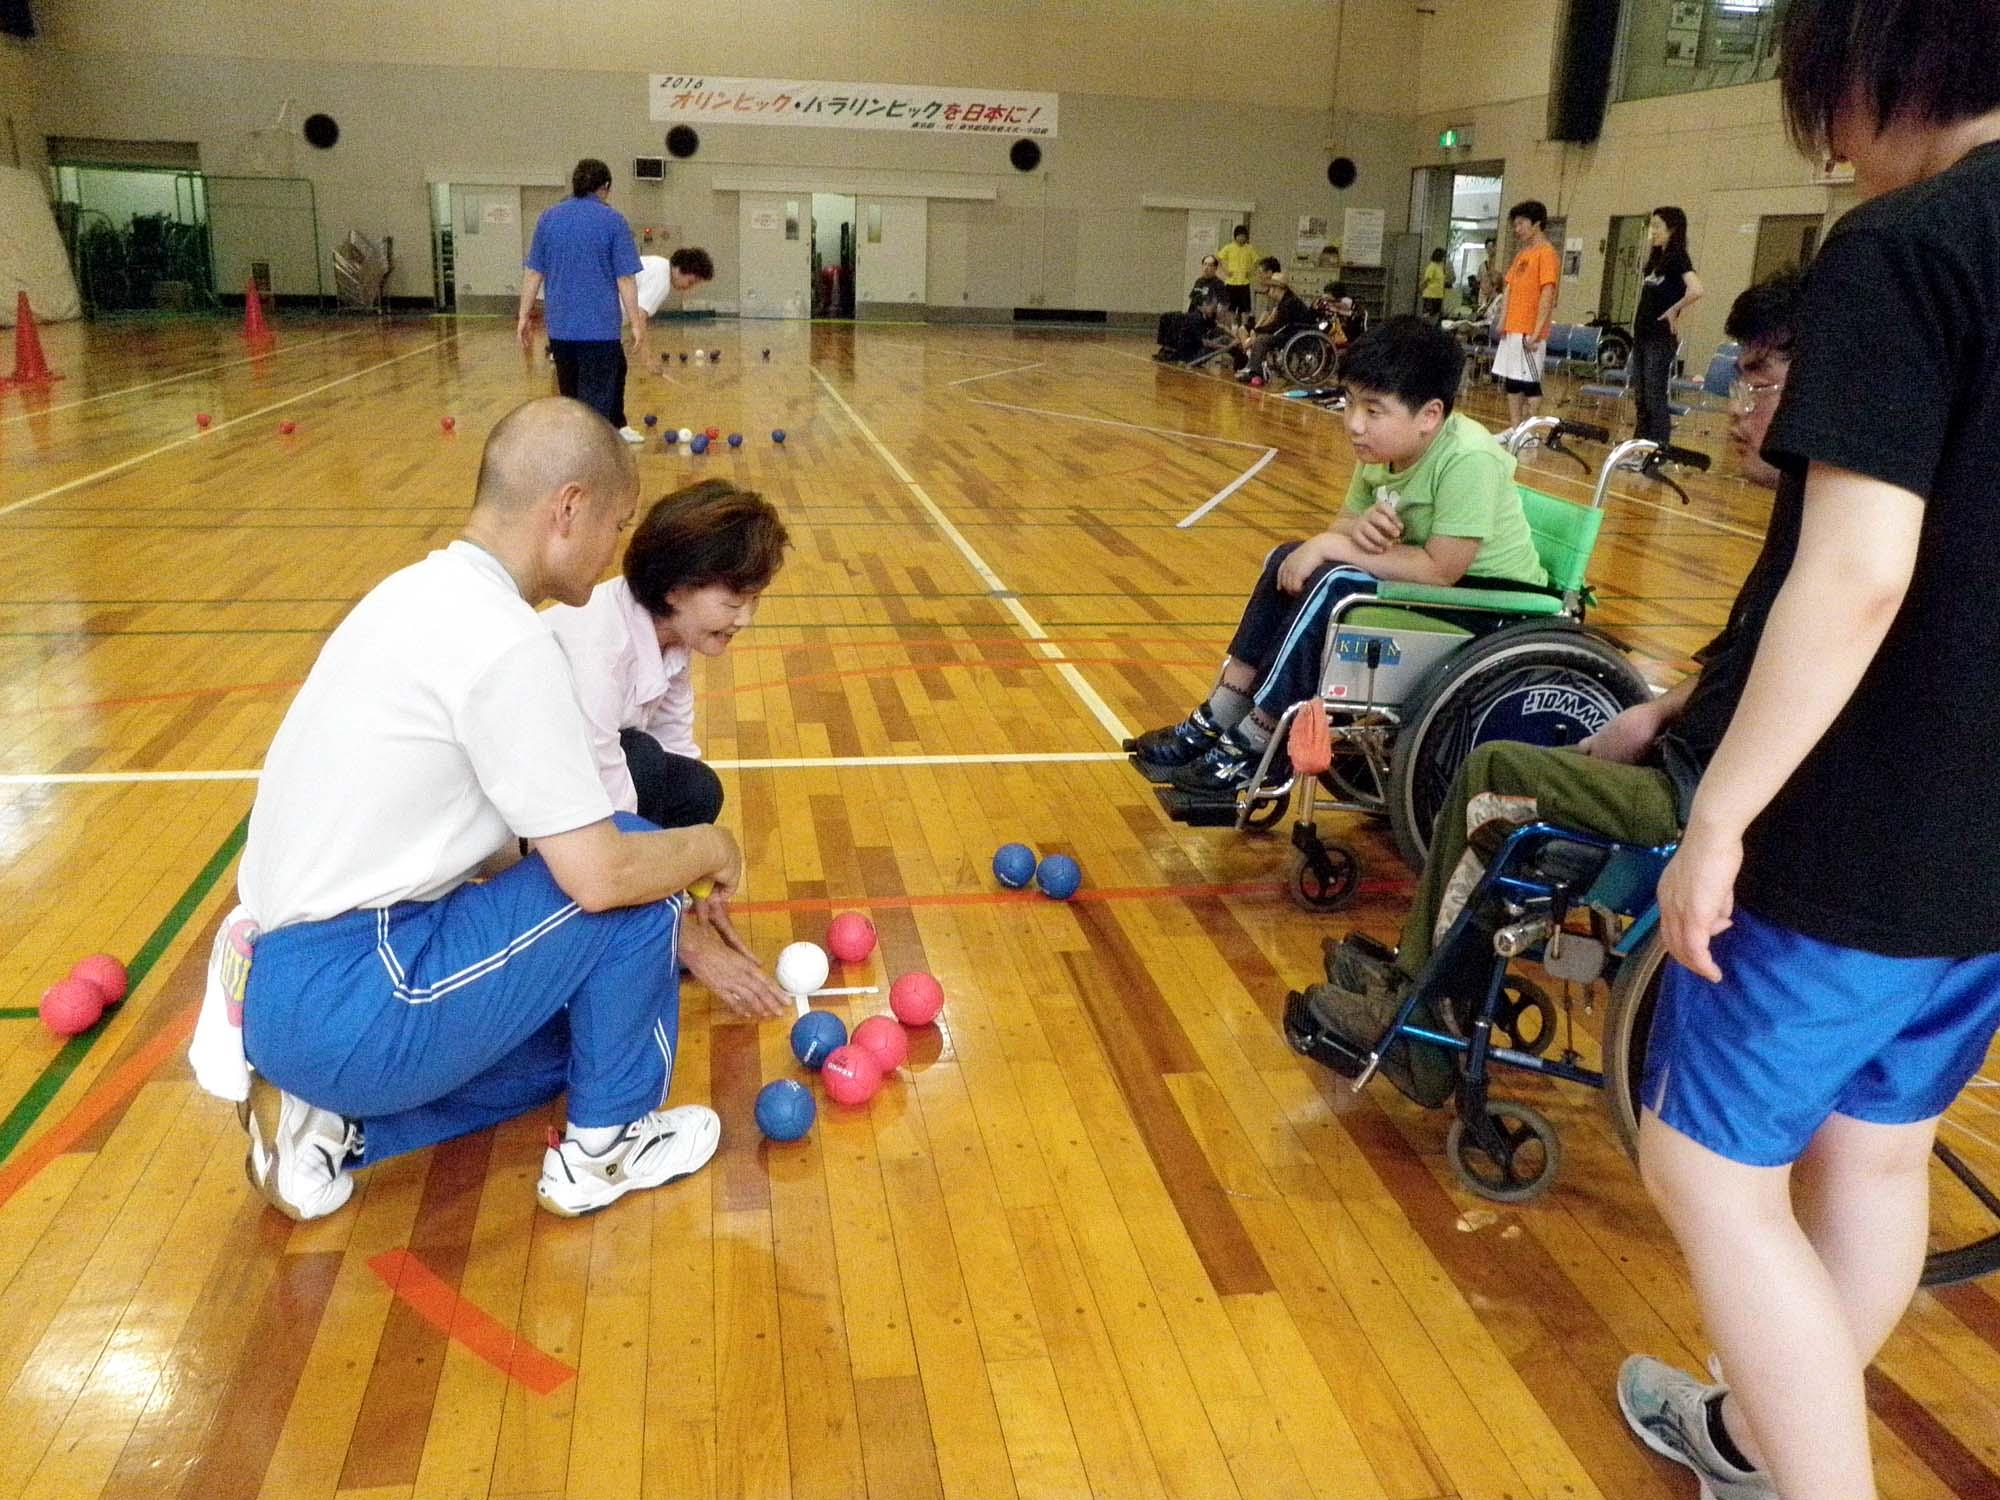 P6130158 - 重度障害者のためのボッチャ教室より ・・・ボッチャに挑戦しています。